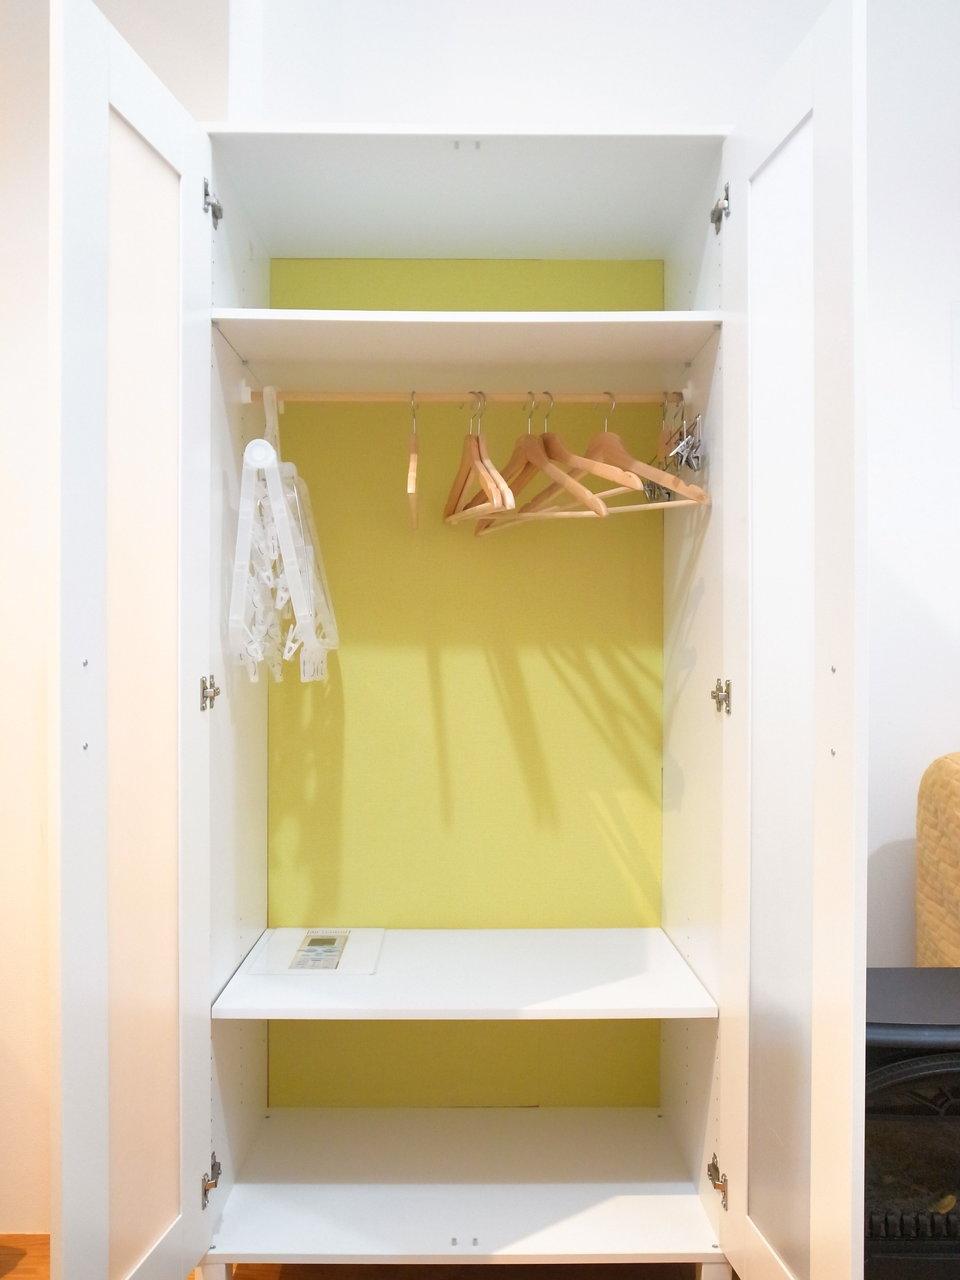 クローゼットの中は遊び心のある、ビタミンカラーの壁紙が。毎回開けるたびに元気をもらえそう。